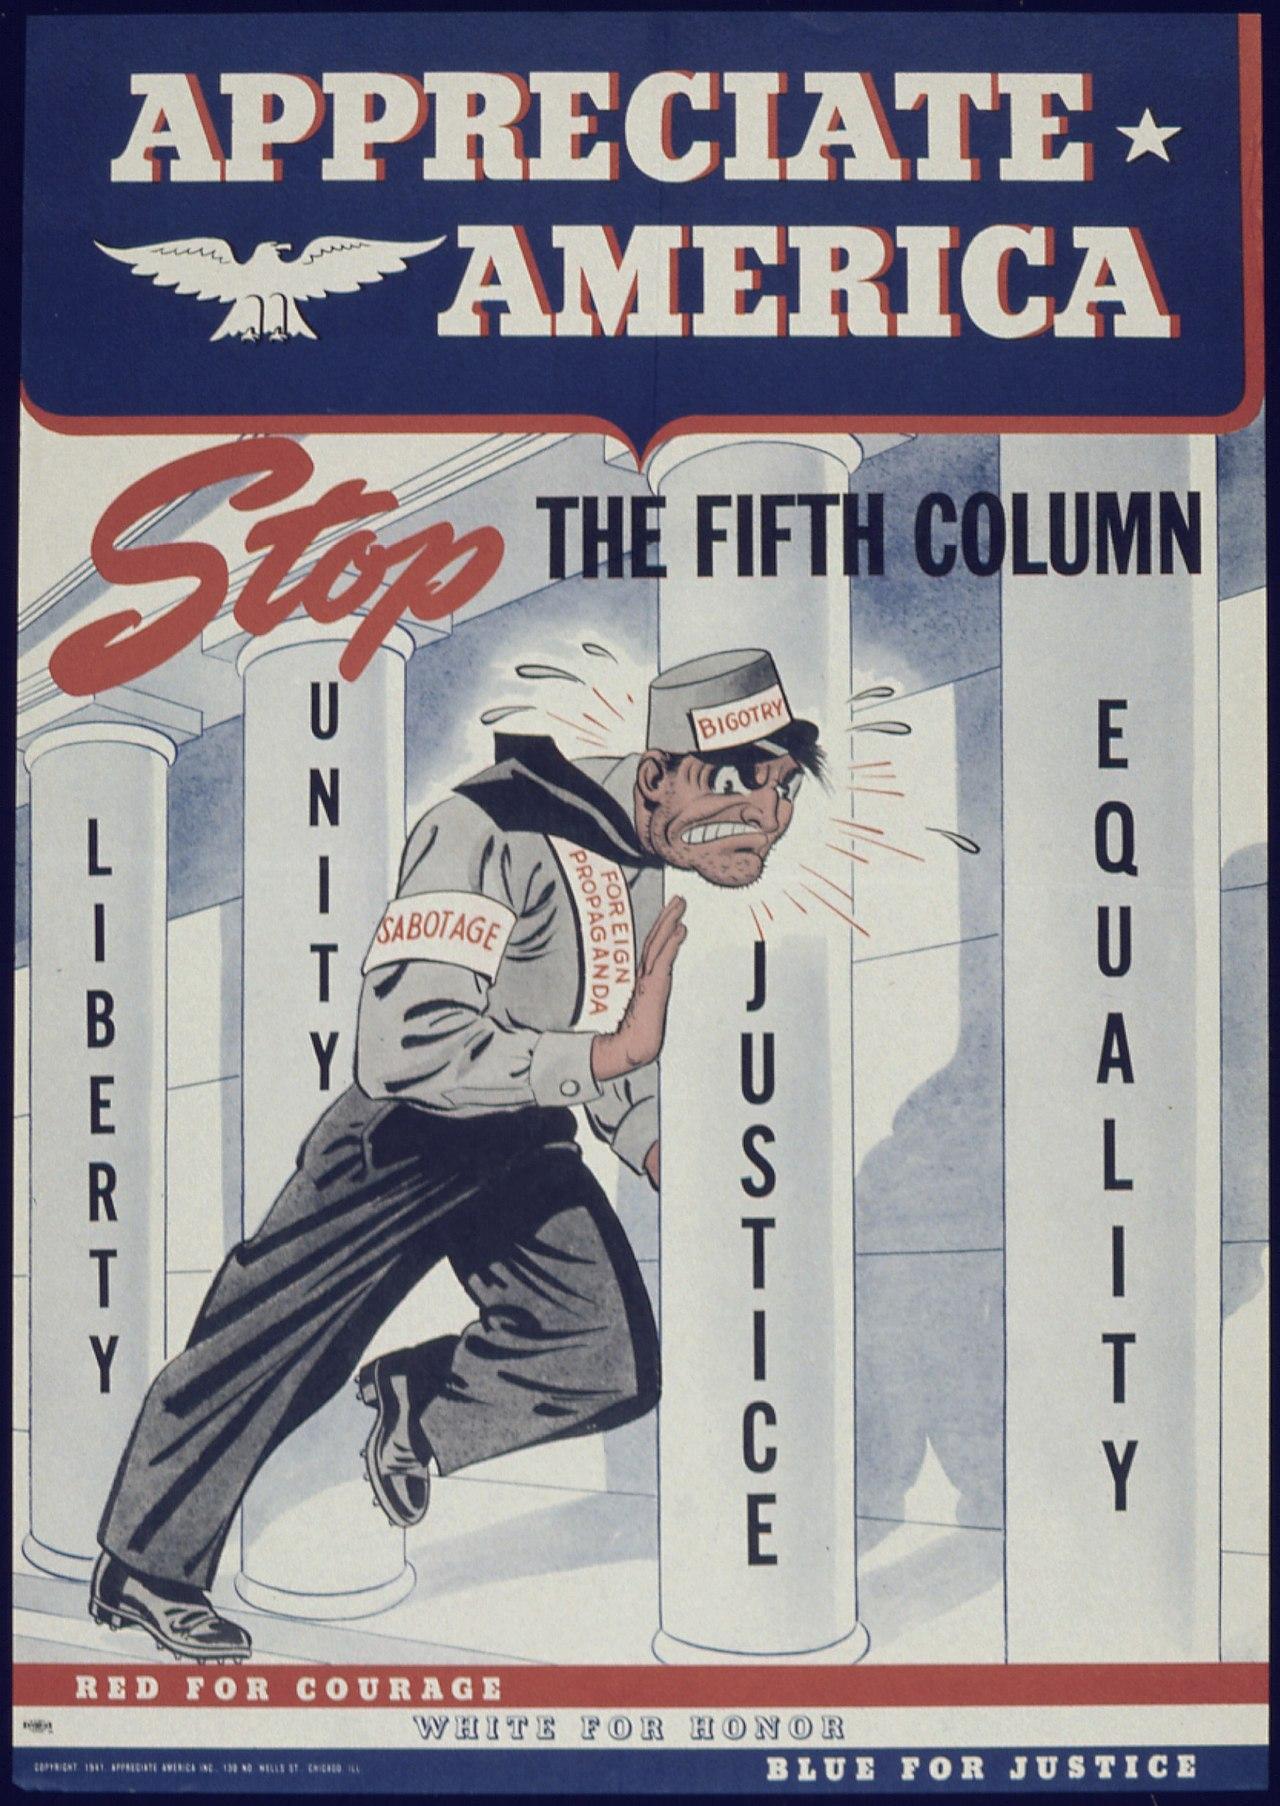 1280px-%22Appreciate_America_Stop_the_Fi